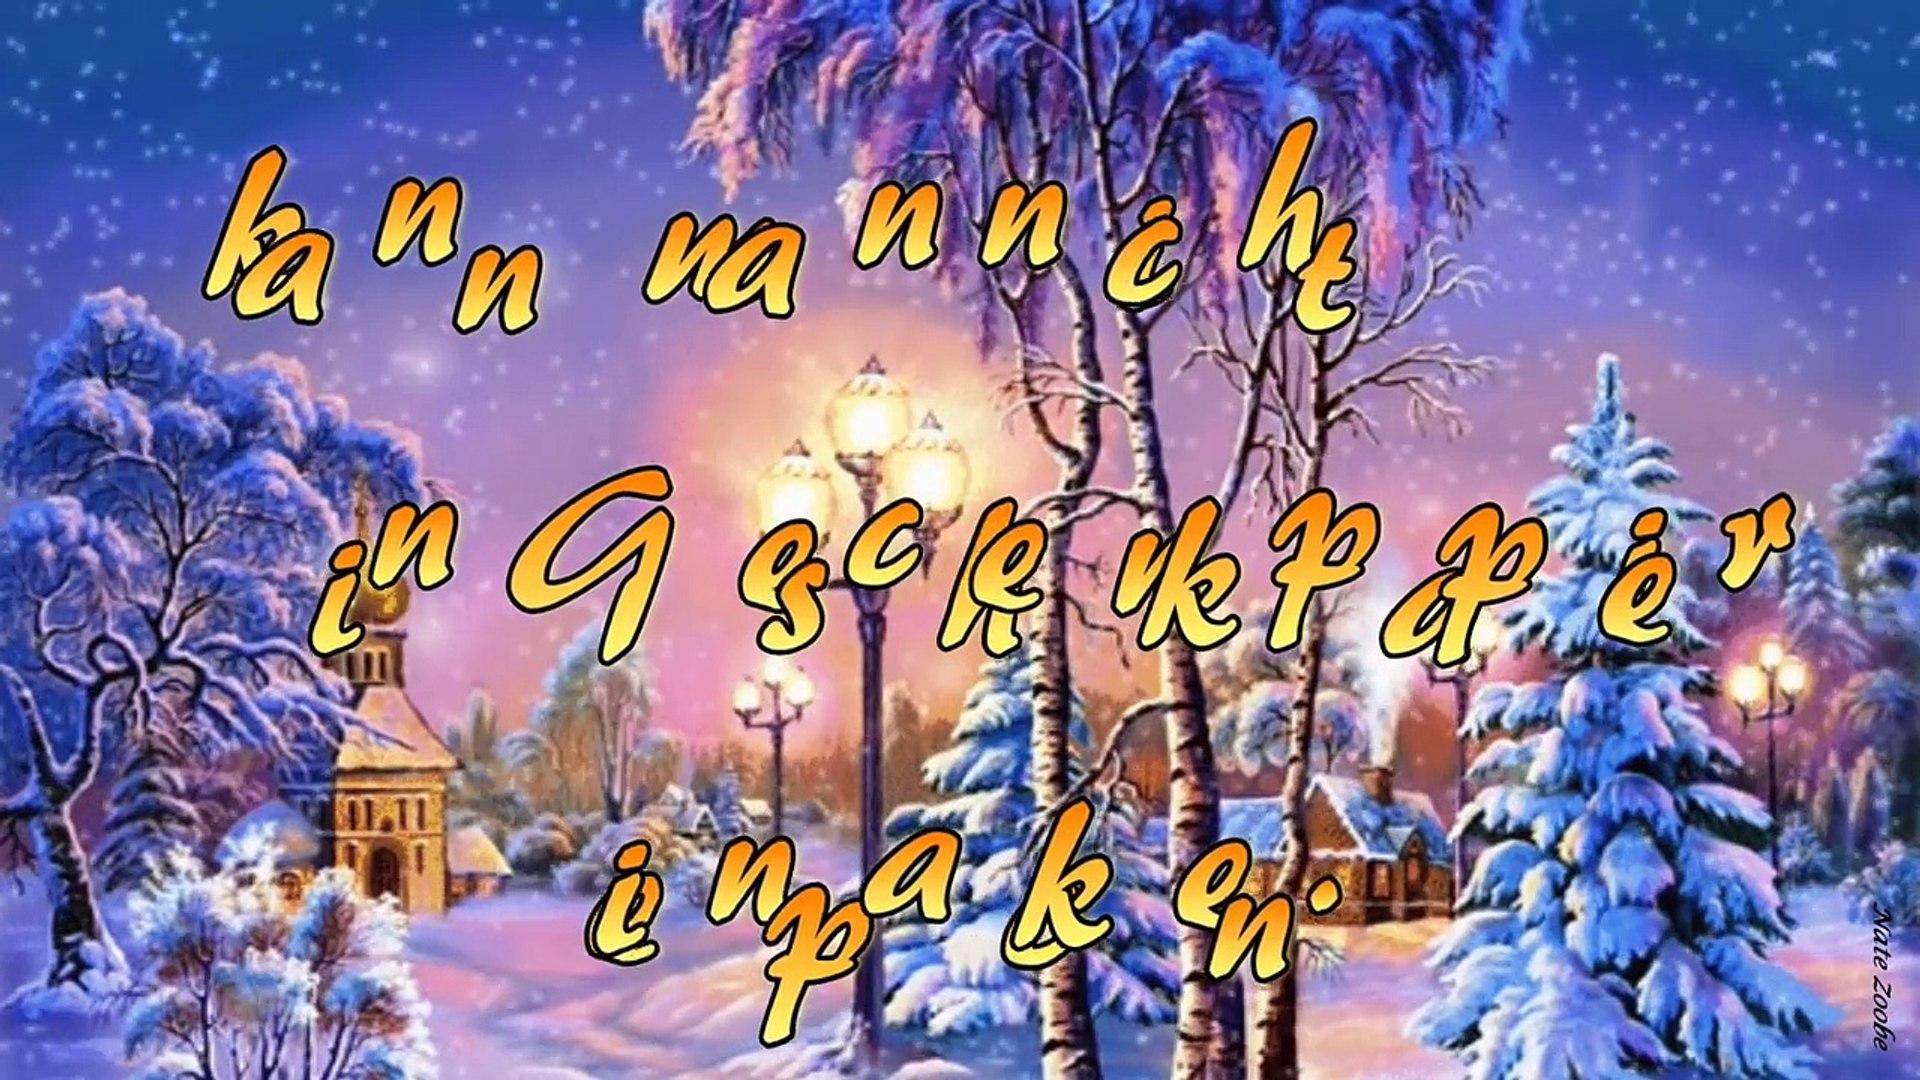 20 Dezember Adventskalender Liebe Grusse Von Mirfrohe